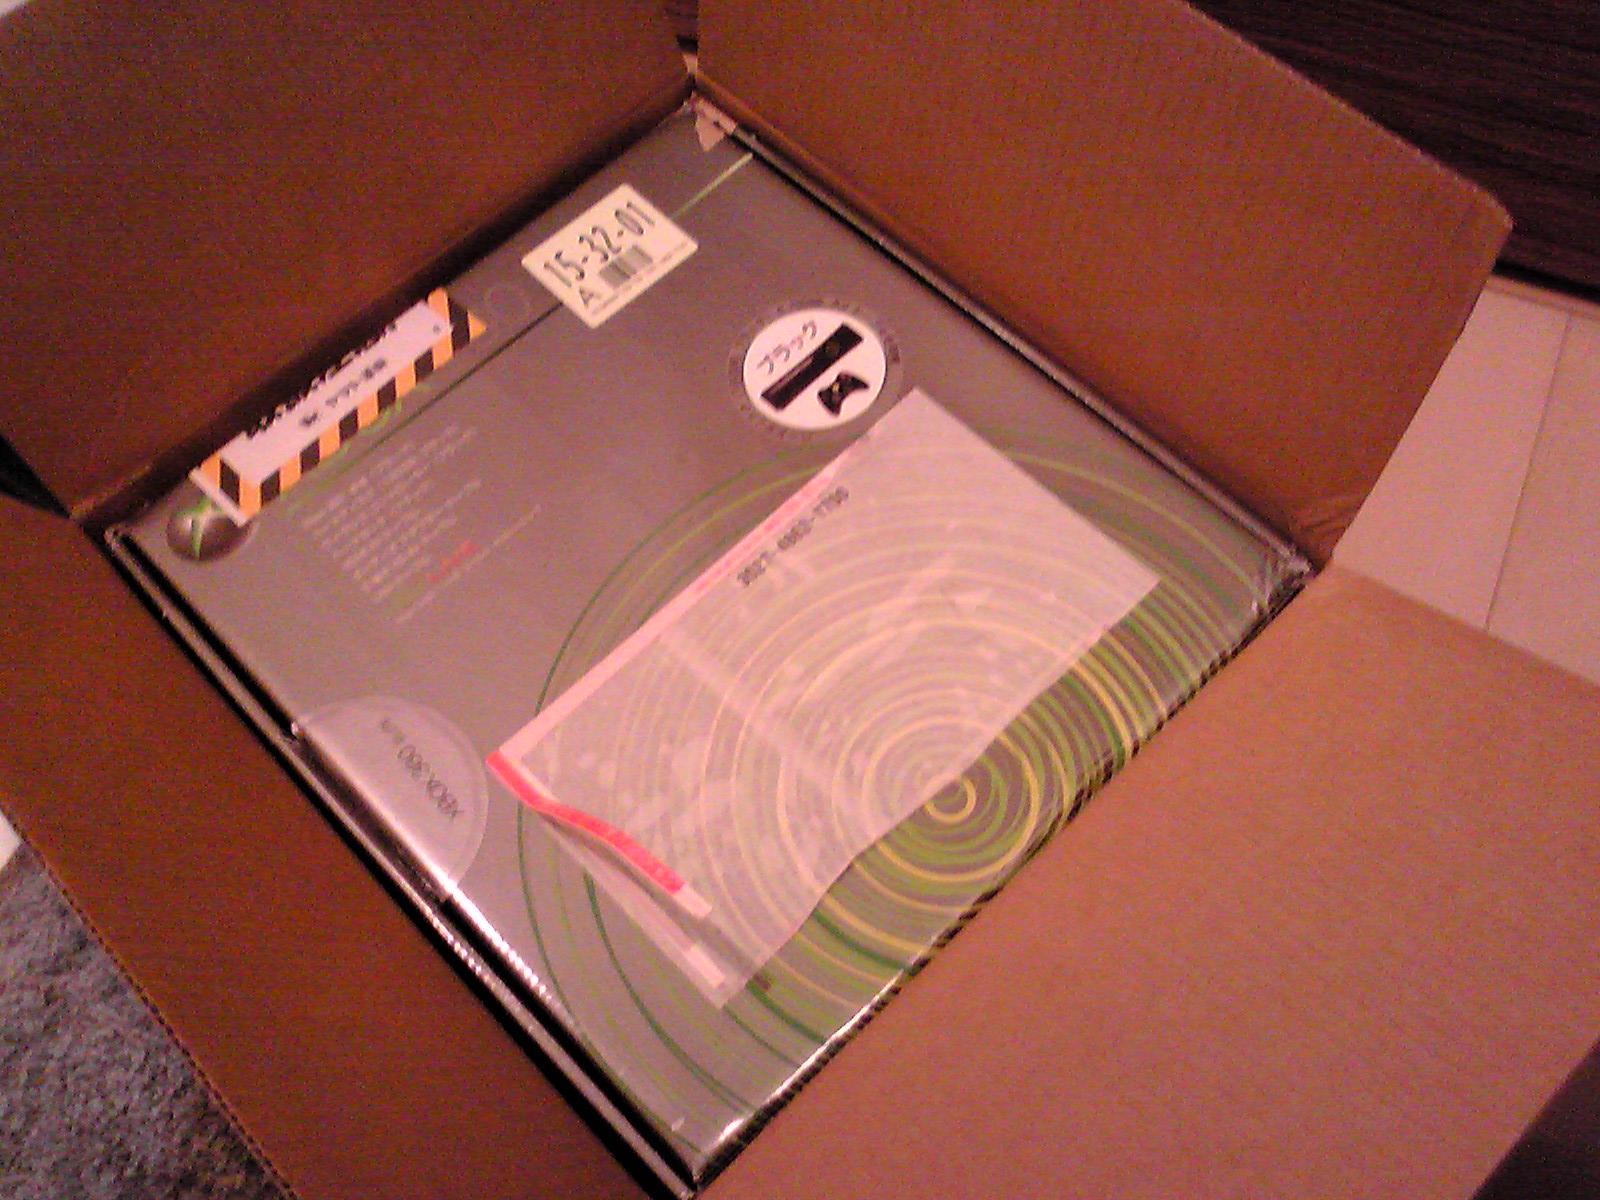 段ボール箱に入っている Xbox360 の箱